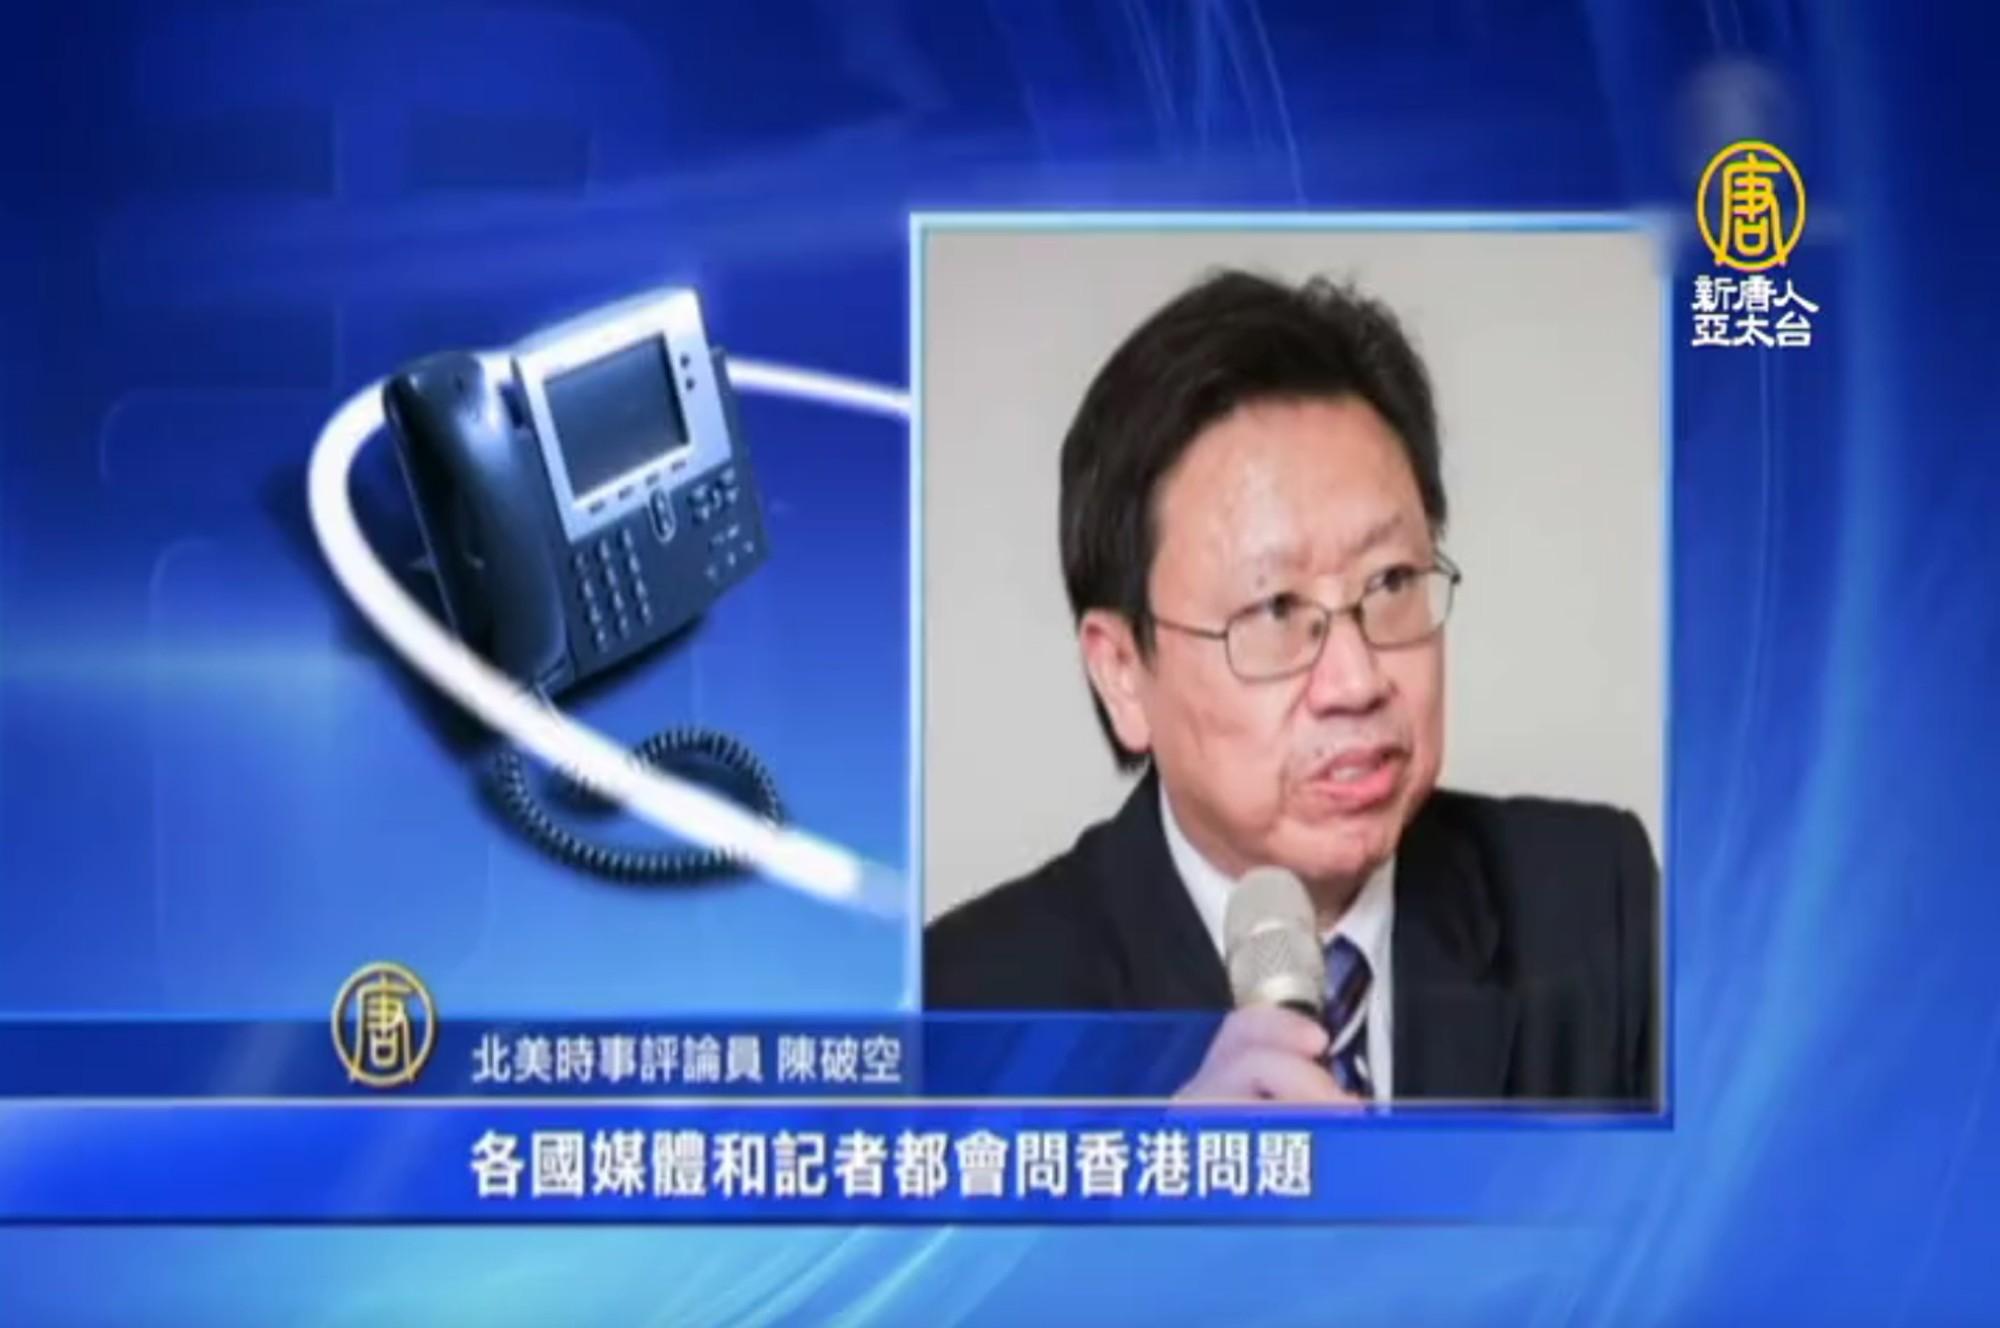 王友群:中共在香港問題上為甚麼倒行逆施?